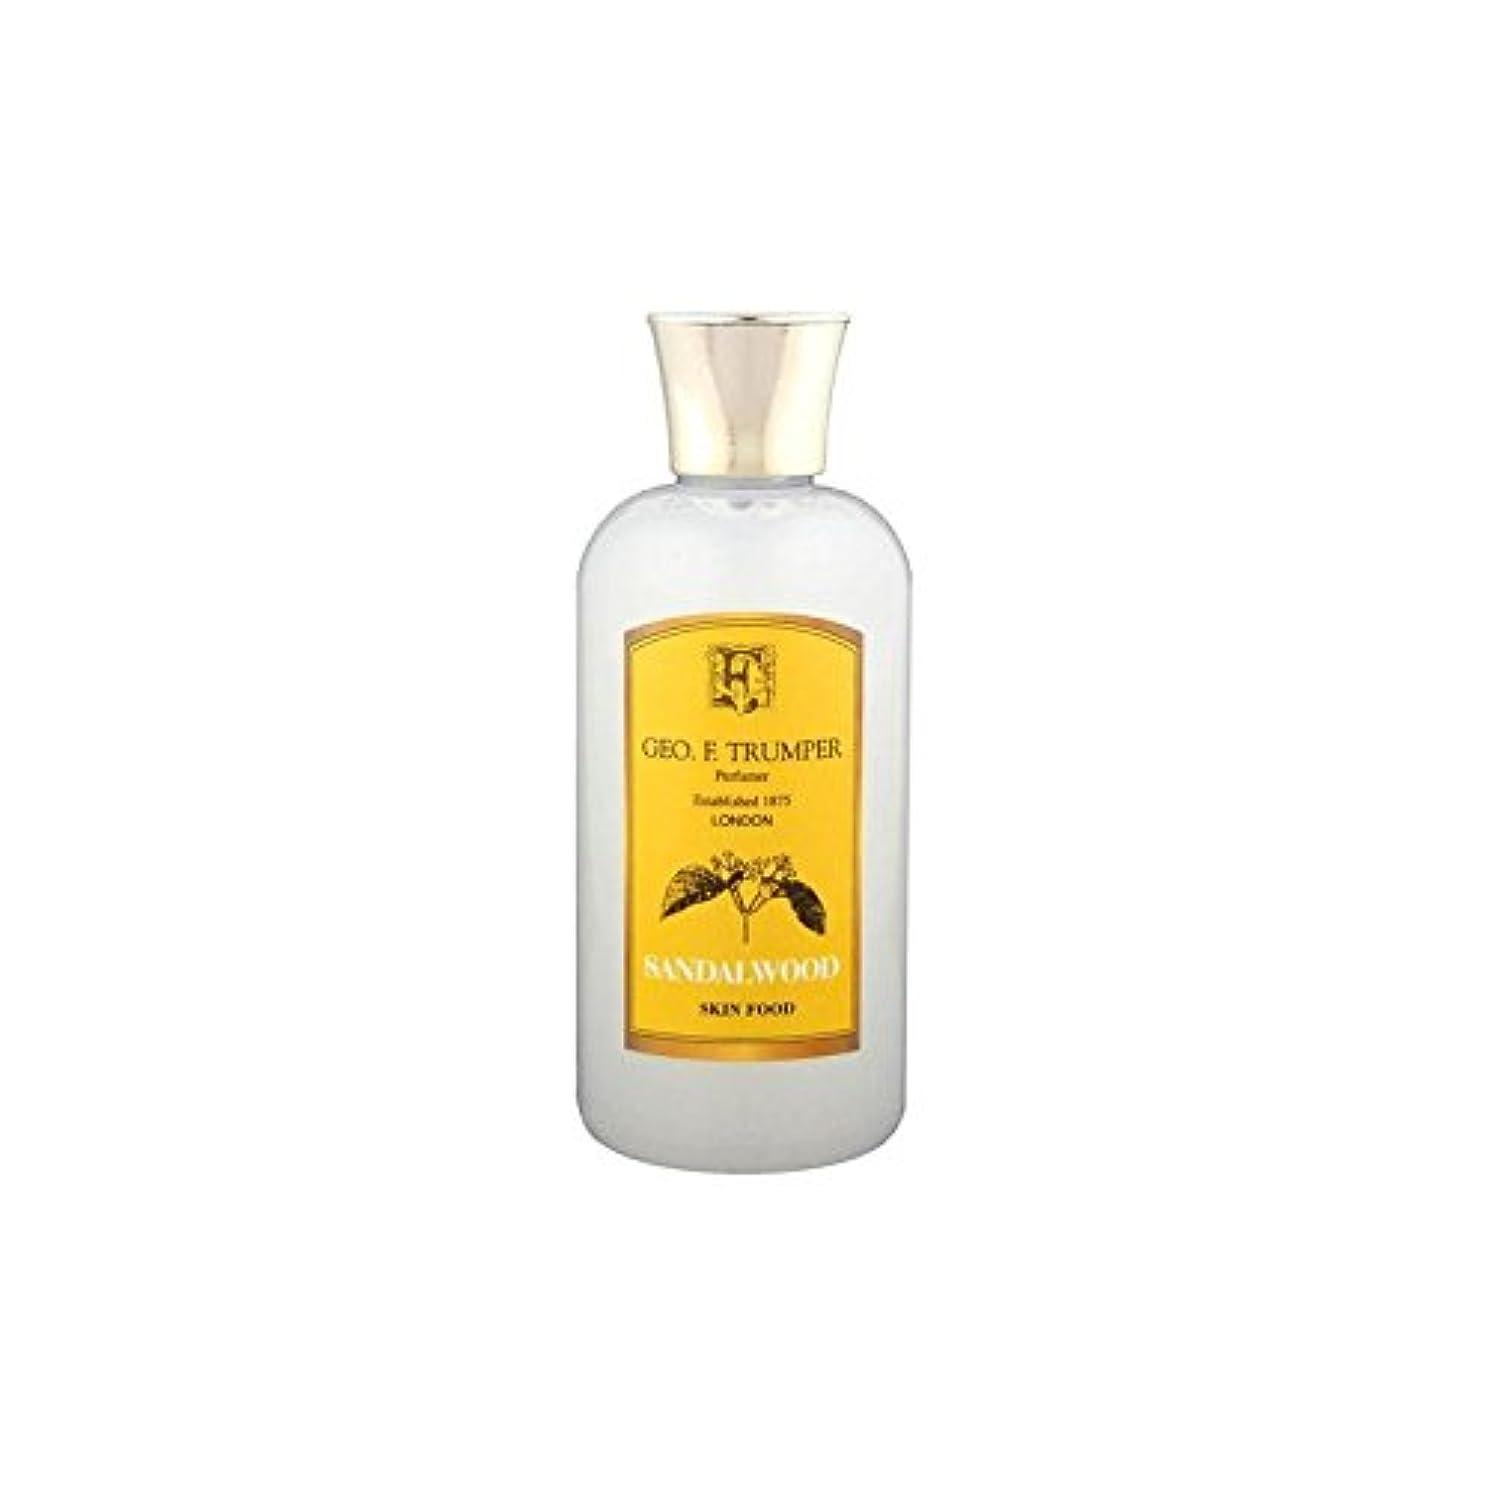 封建説明的ツーリストTrumpers Sandalwood Skin Food - 100ml Travel (Pack of 6) - サンダルウッドスキンフード - 100ミリリットル旅 x6 [並行輸入品]